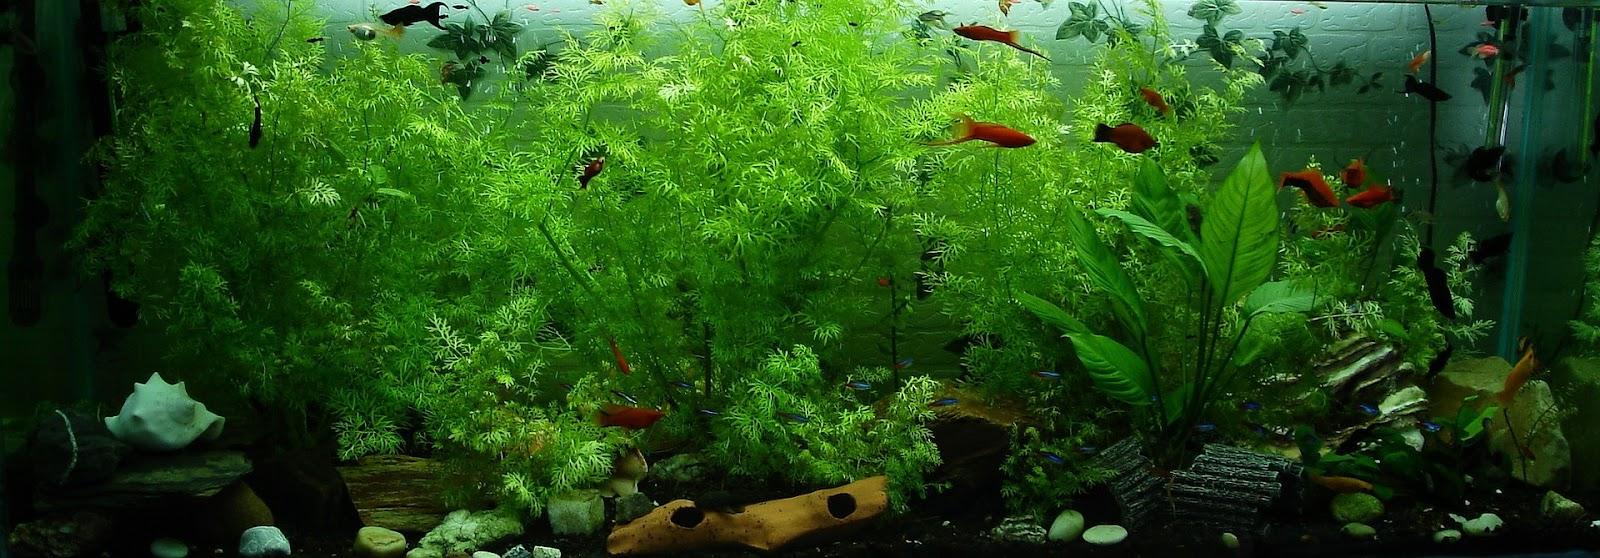 Large planted aquarium